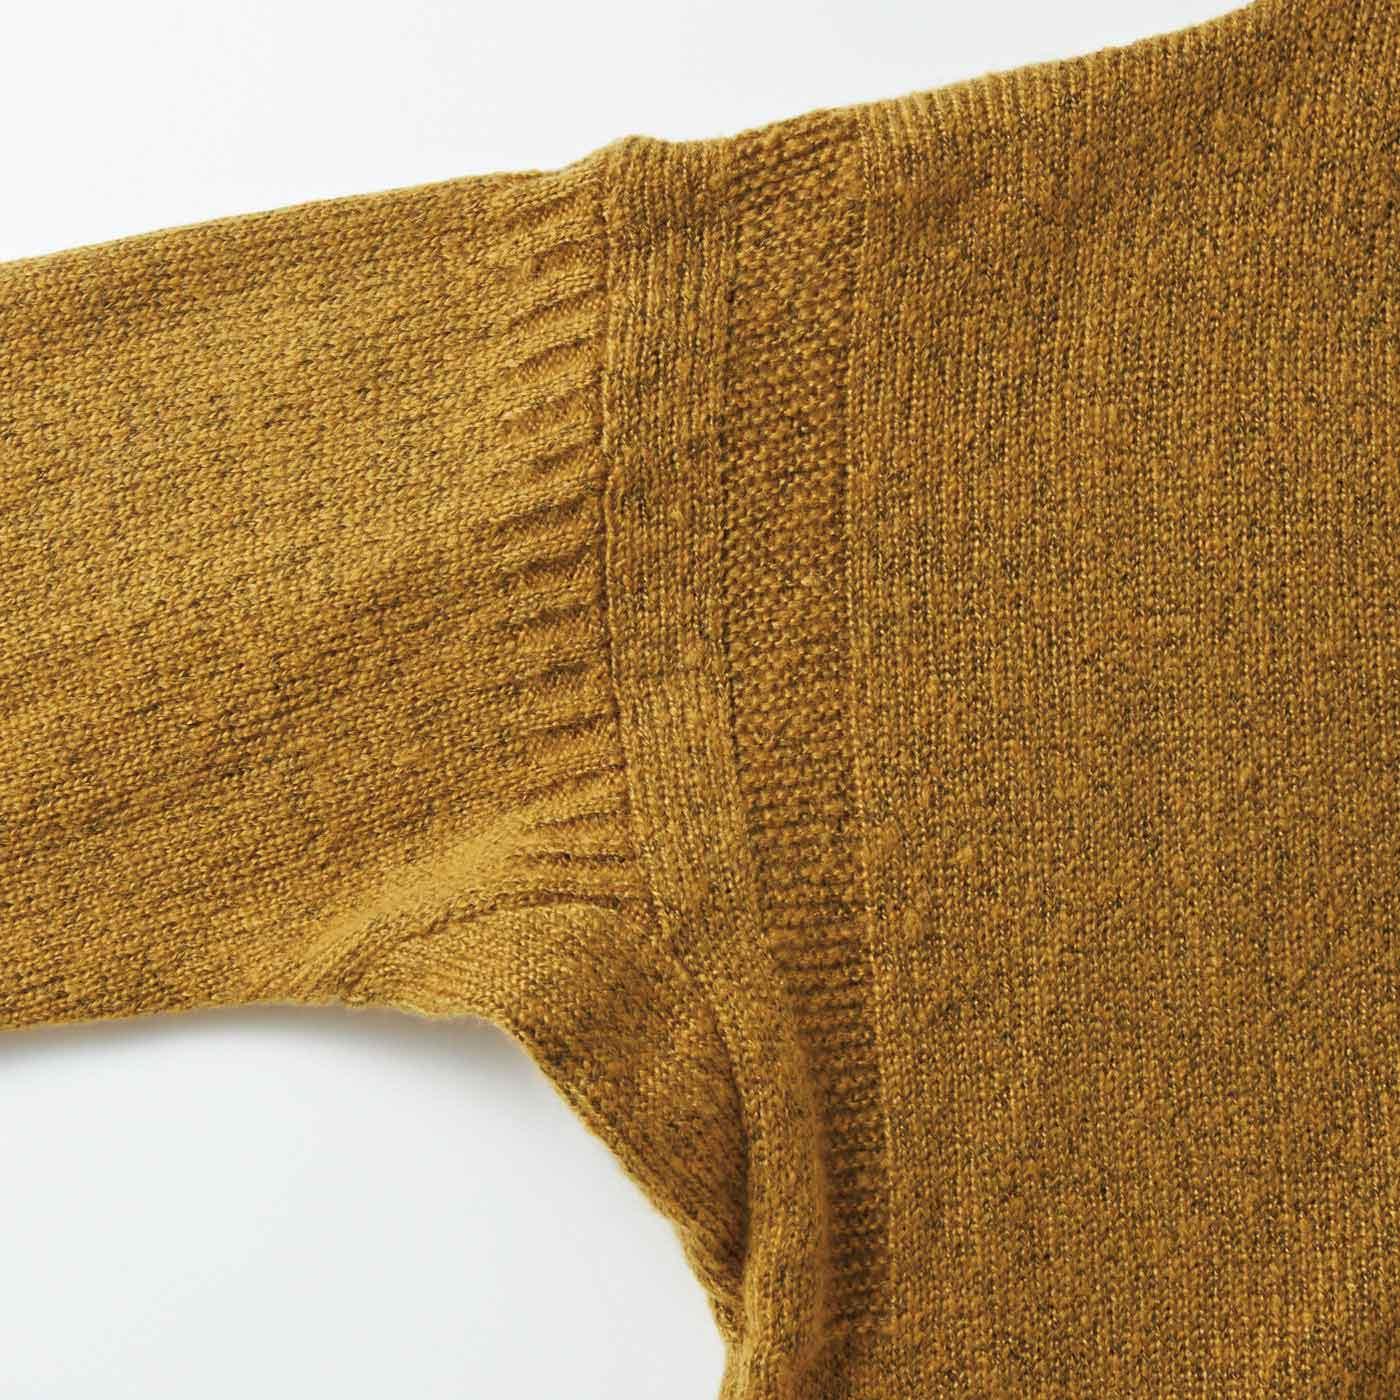 わき下のまちは動きやすく機能的。袖ぐりとすその装飾的な柄模様がニュアンスを生み出します。